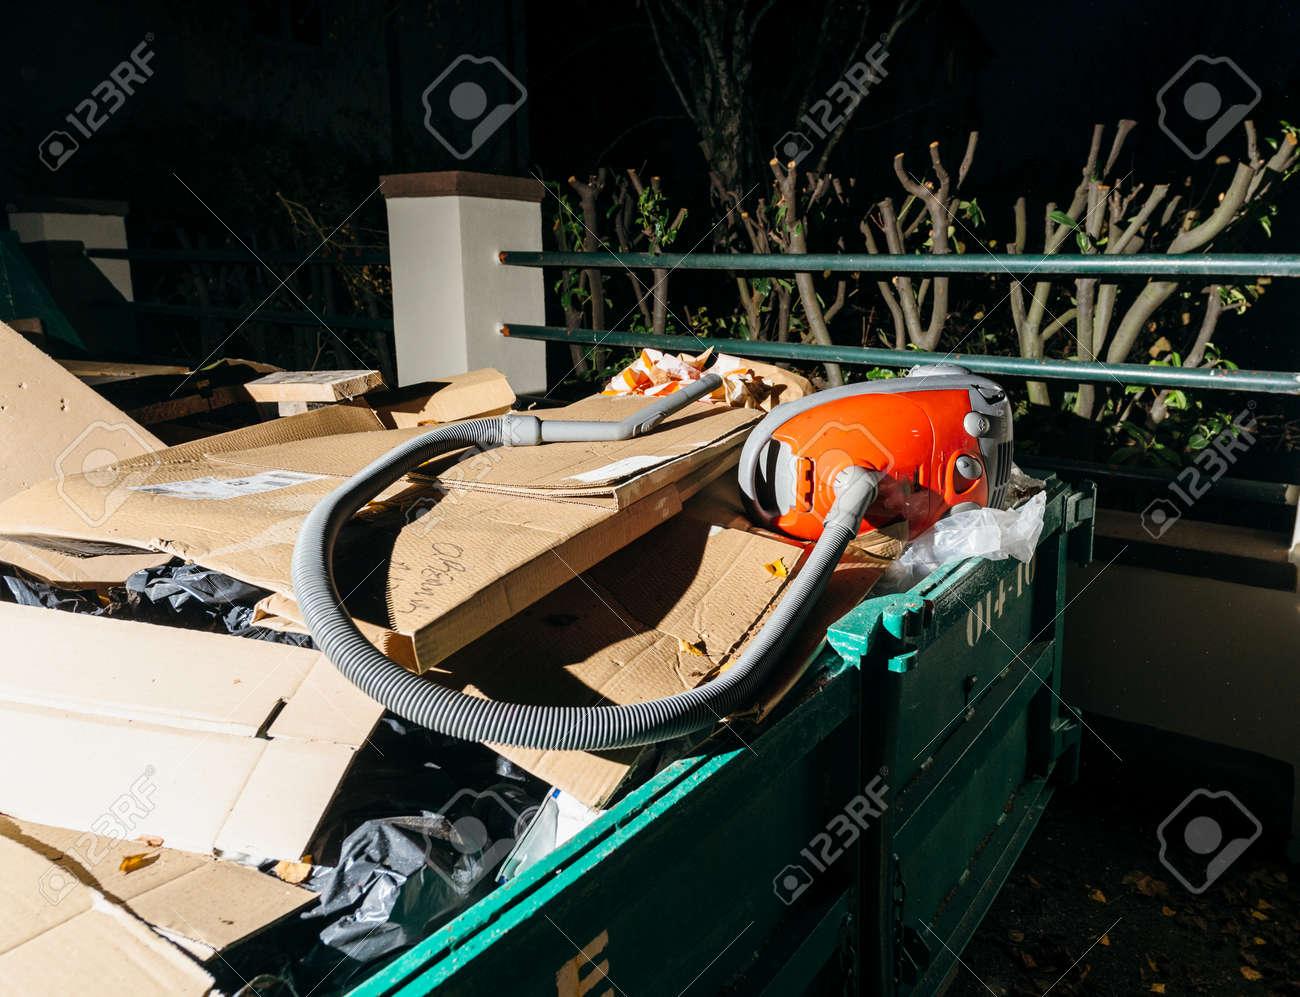 foto de archivo contenedor de basura grande en la ciudad urbana con muebles viejos y en la ciudad en la noche frenc